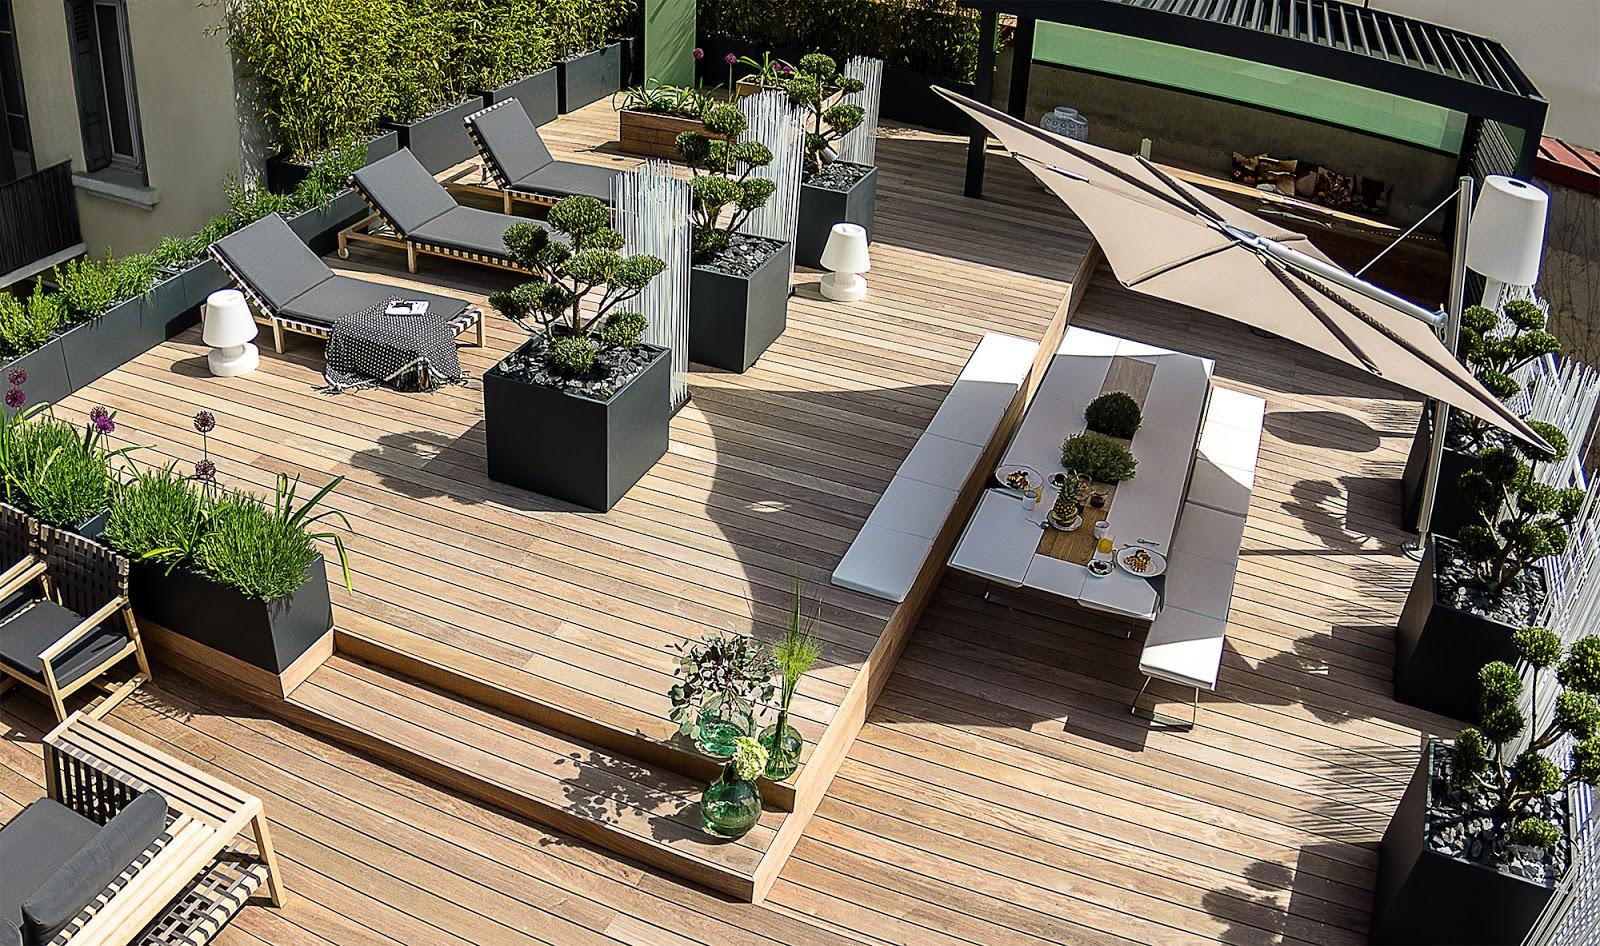 image 39 in grands bacs fleurs pour arbustes et bambous sur toit terrasse. Black Bedroom Furniture Sets. Home Design Ideas